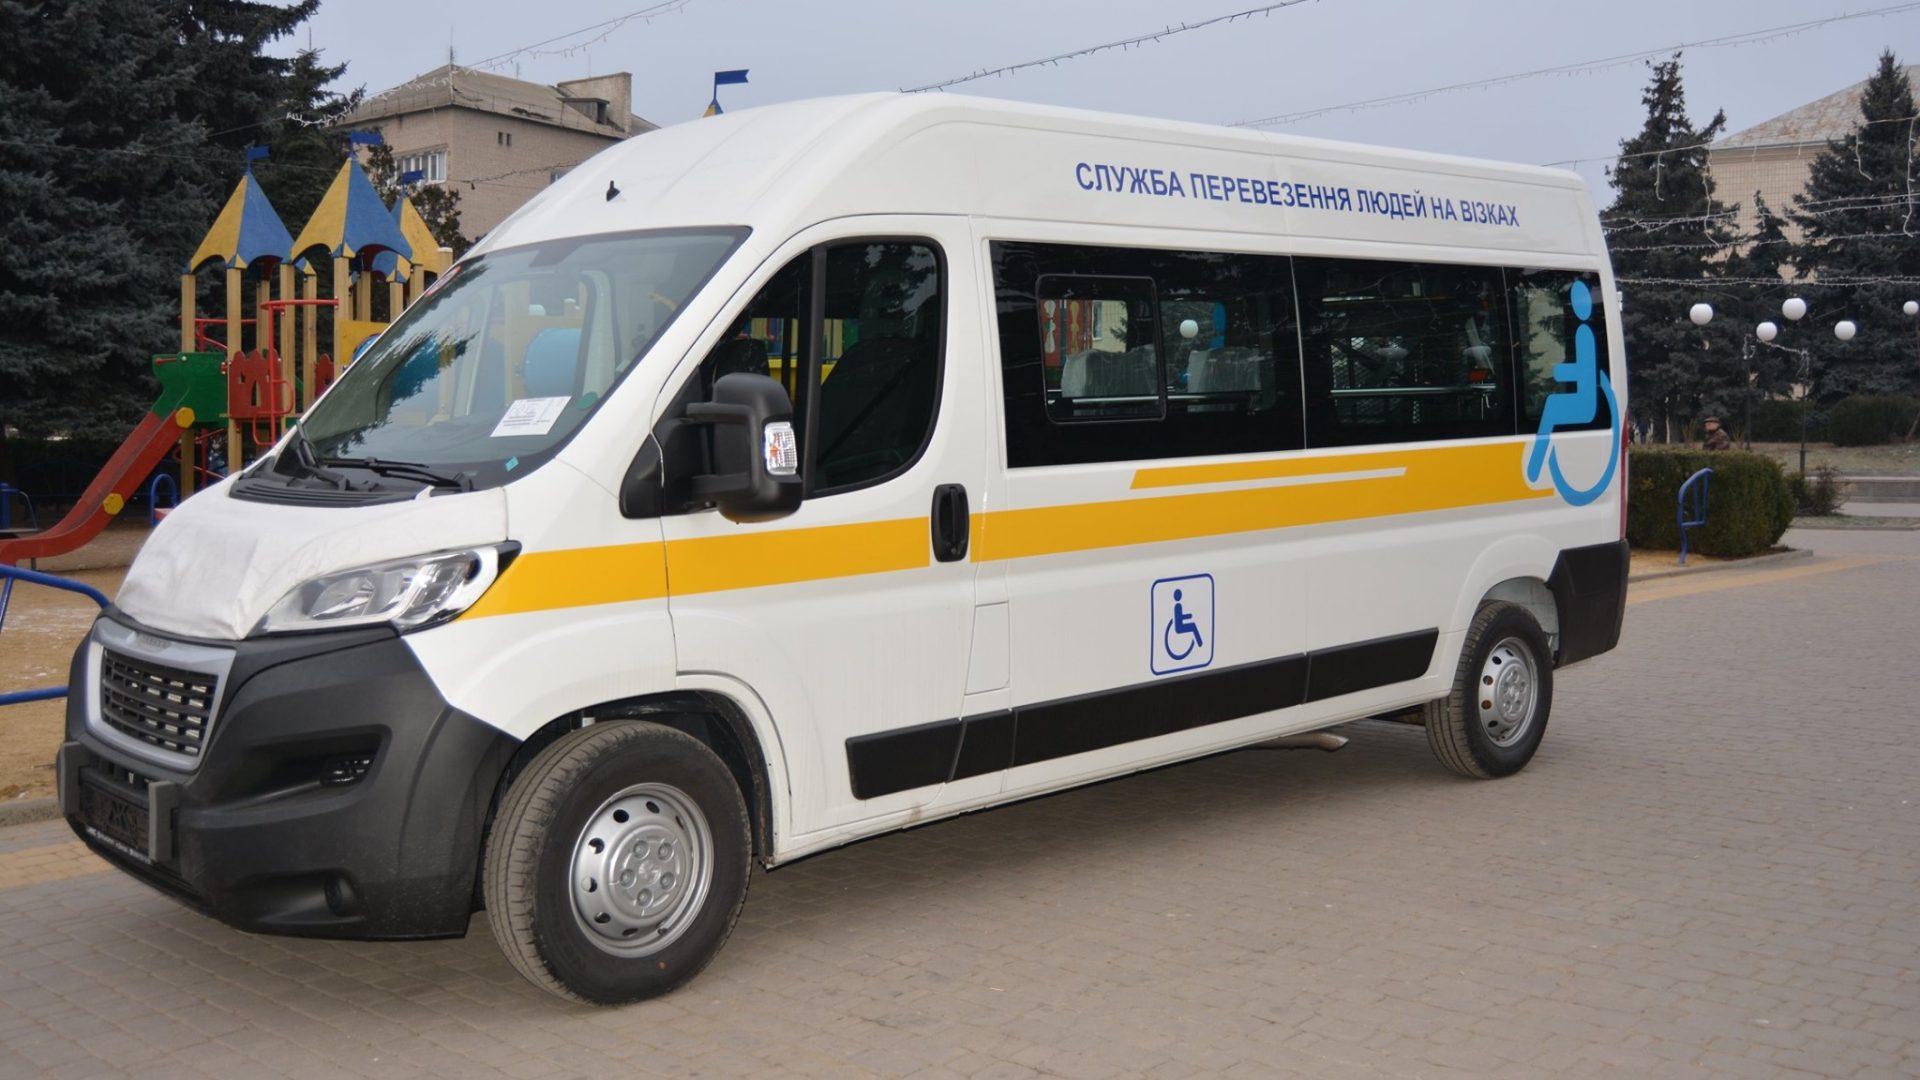 Громада мого округу отримала спецавтомобіль для надання послуг з перевезення людей з інвалідністю.